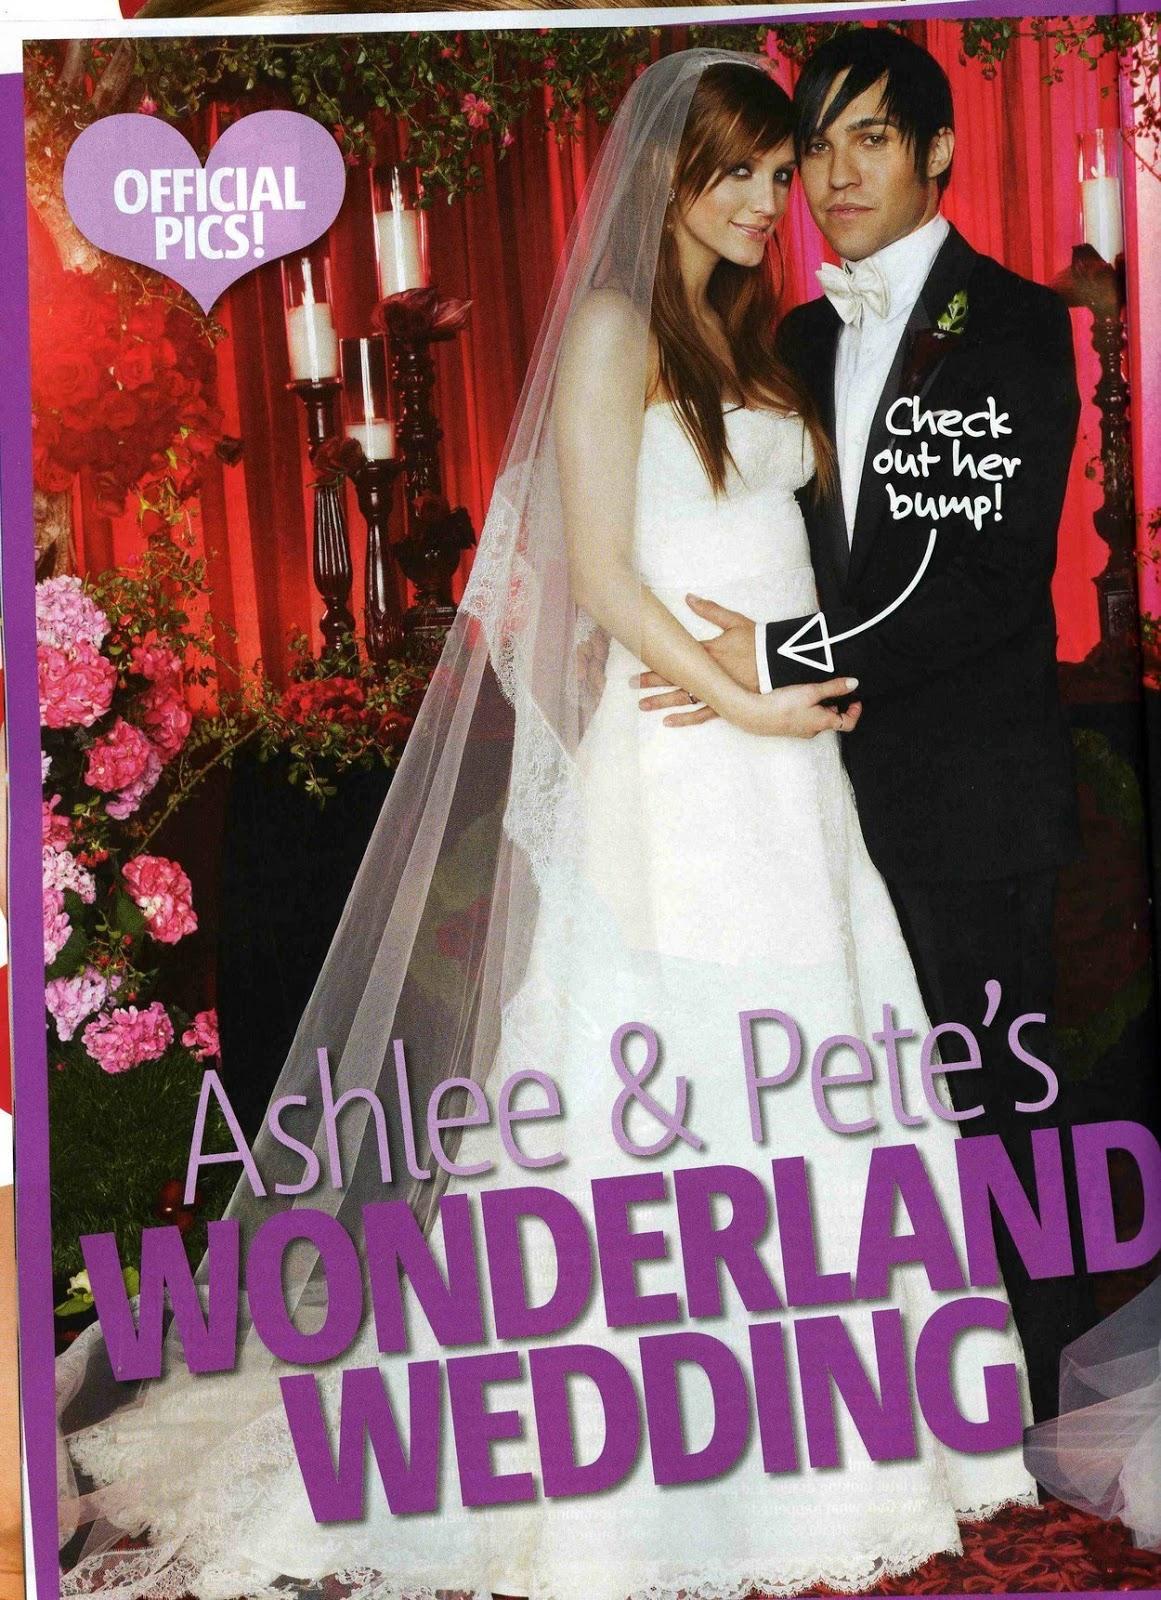 http://3.bp.blogspot.com/_UyAQuHwJFIs/TQy4diNZ1CI/AAAAAAAAA7g/CESwq1-7vxM/s1600/Pete-Ashlee-Wedding-pete-wentz-1414992-1250-1722.jpg